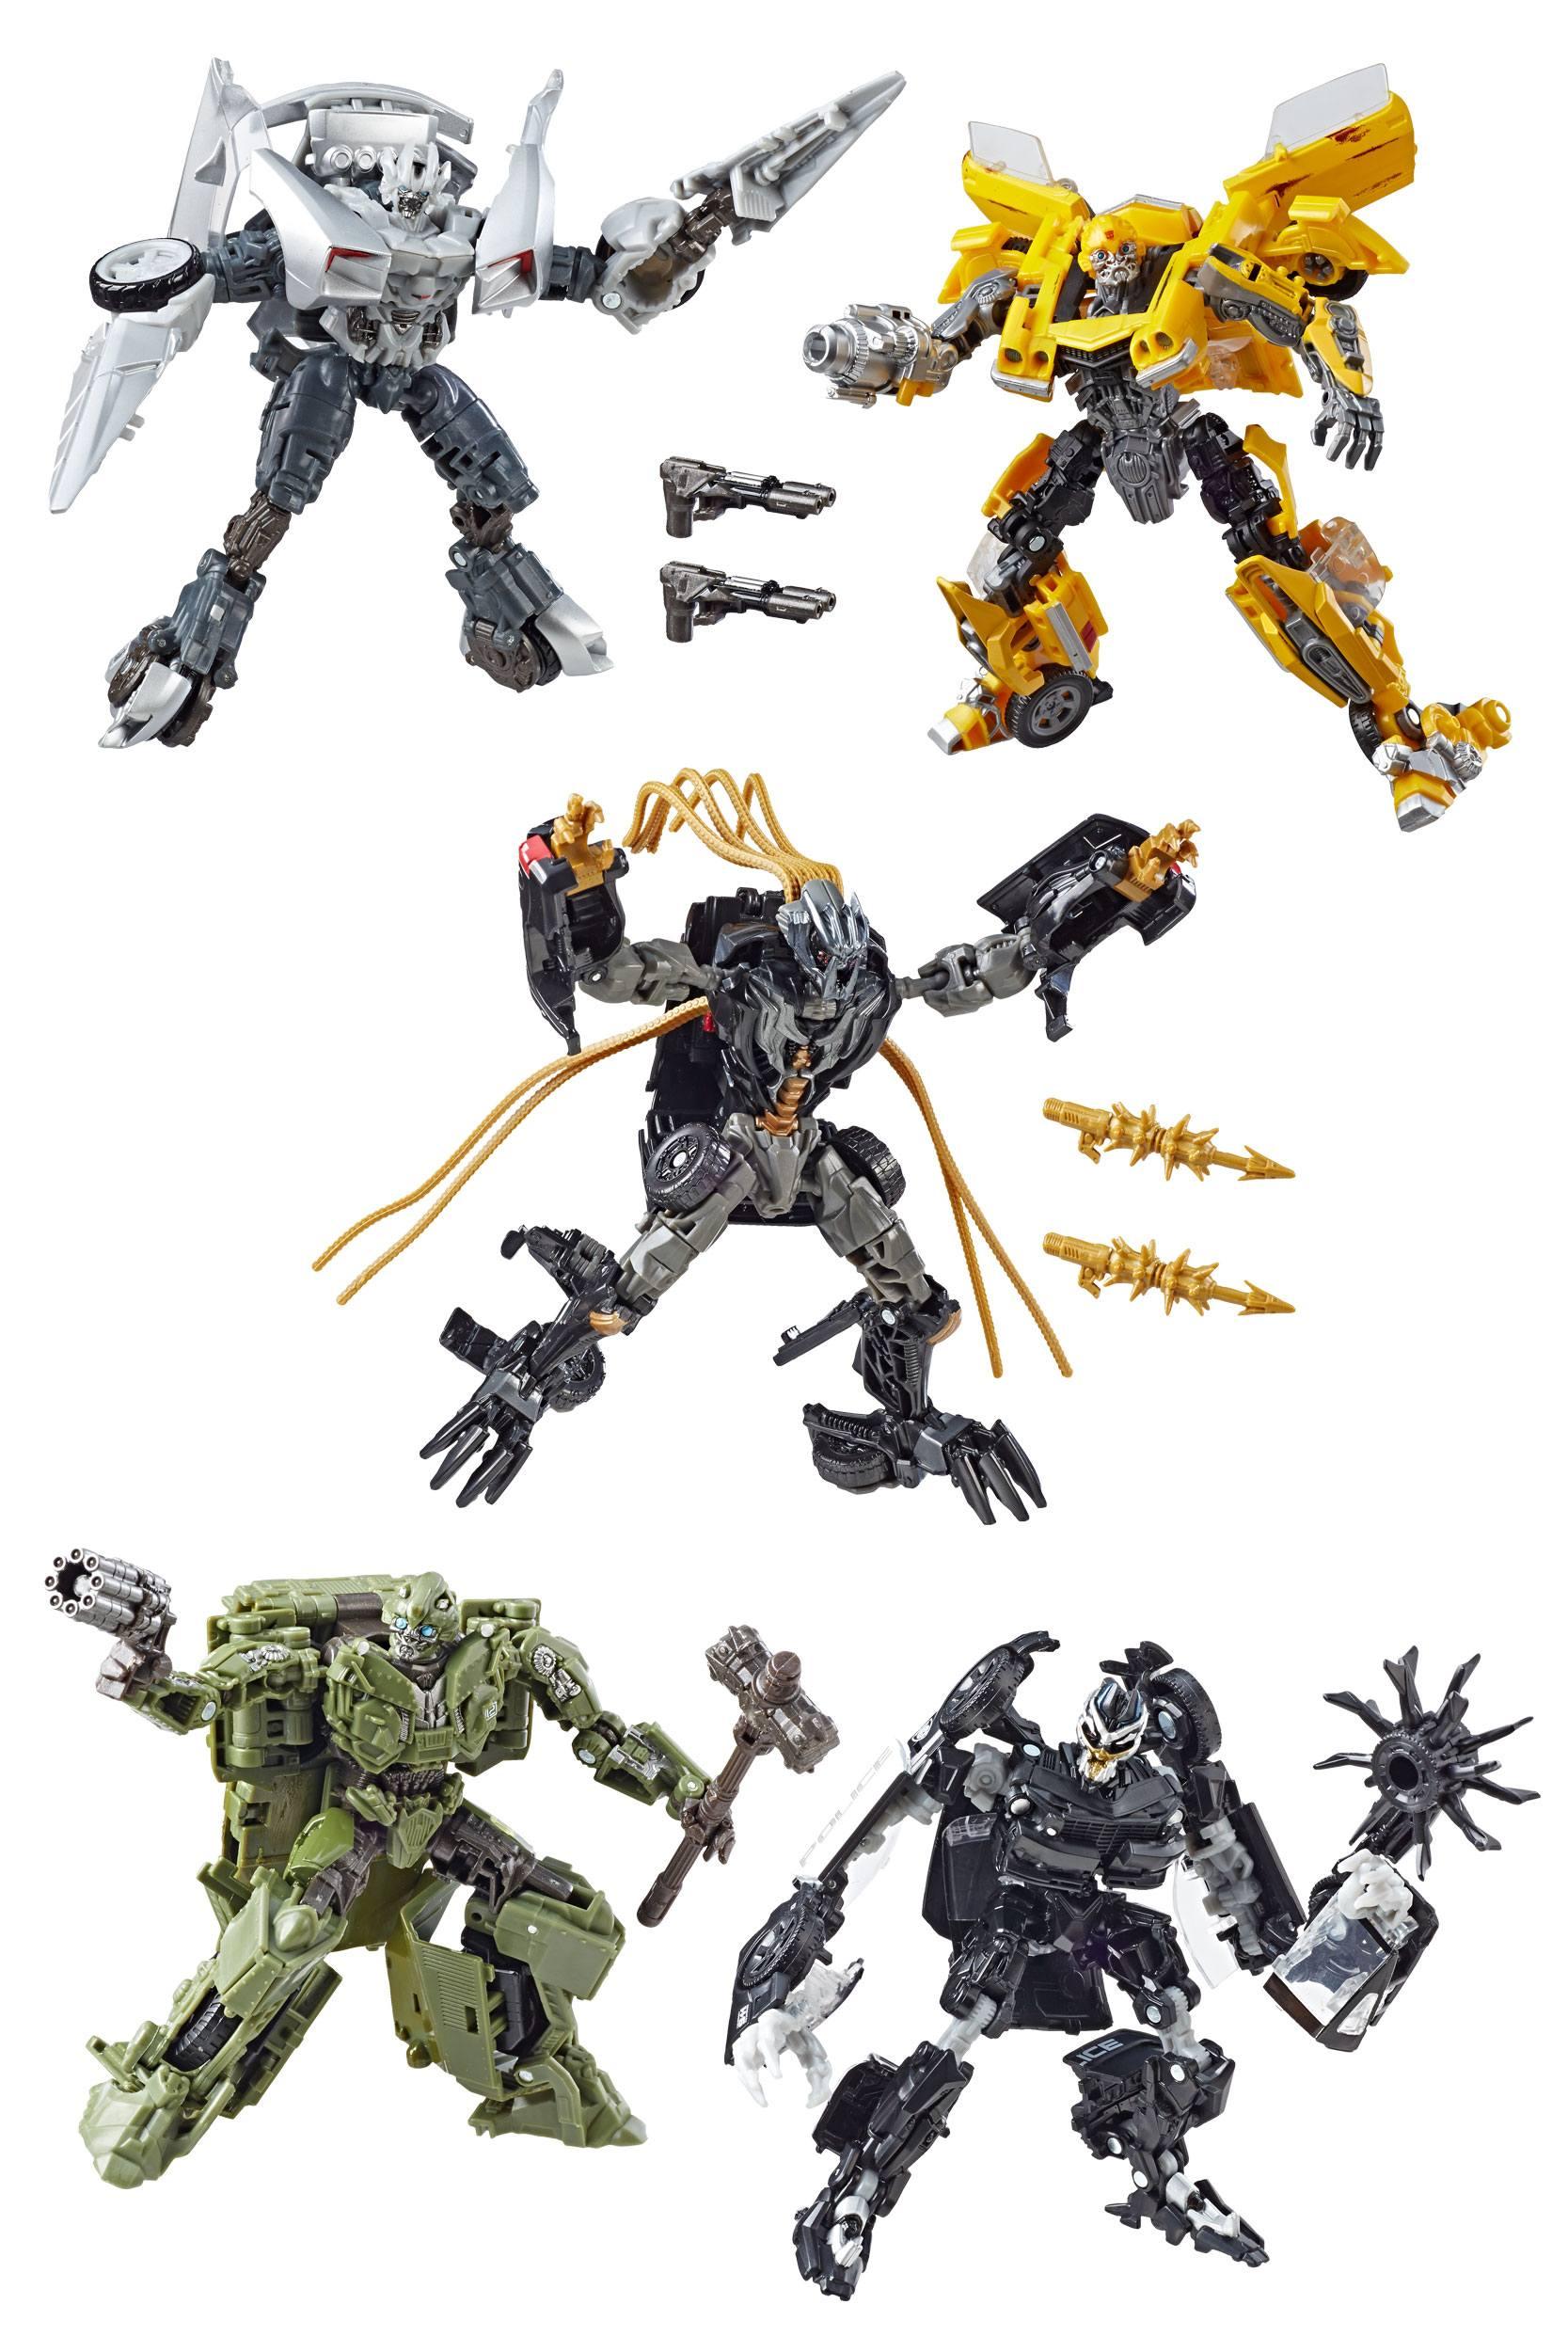 Transformers Studio Series Deluxe Class Action Figures 2019 Wave 1  Assortment (8)